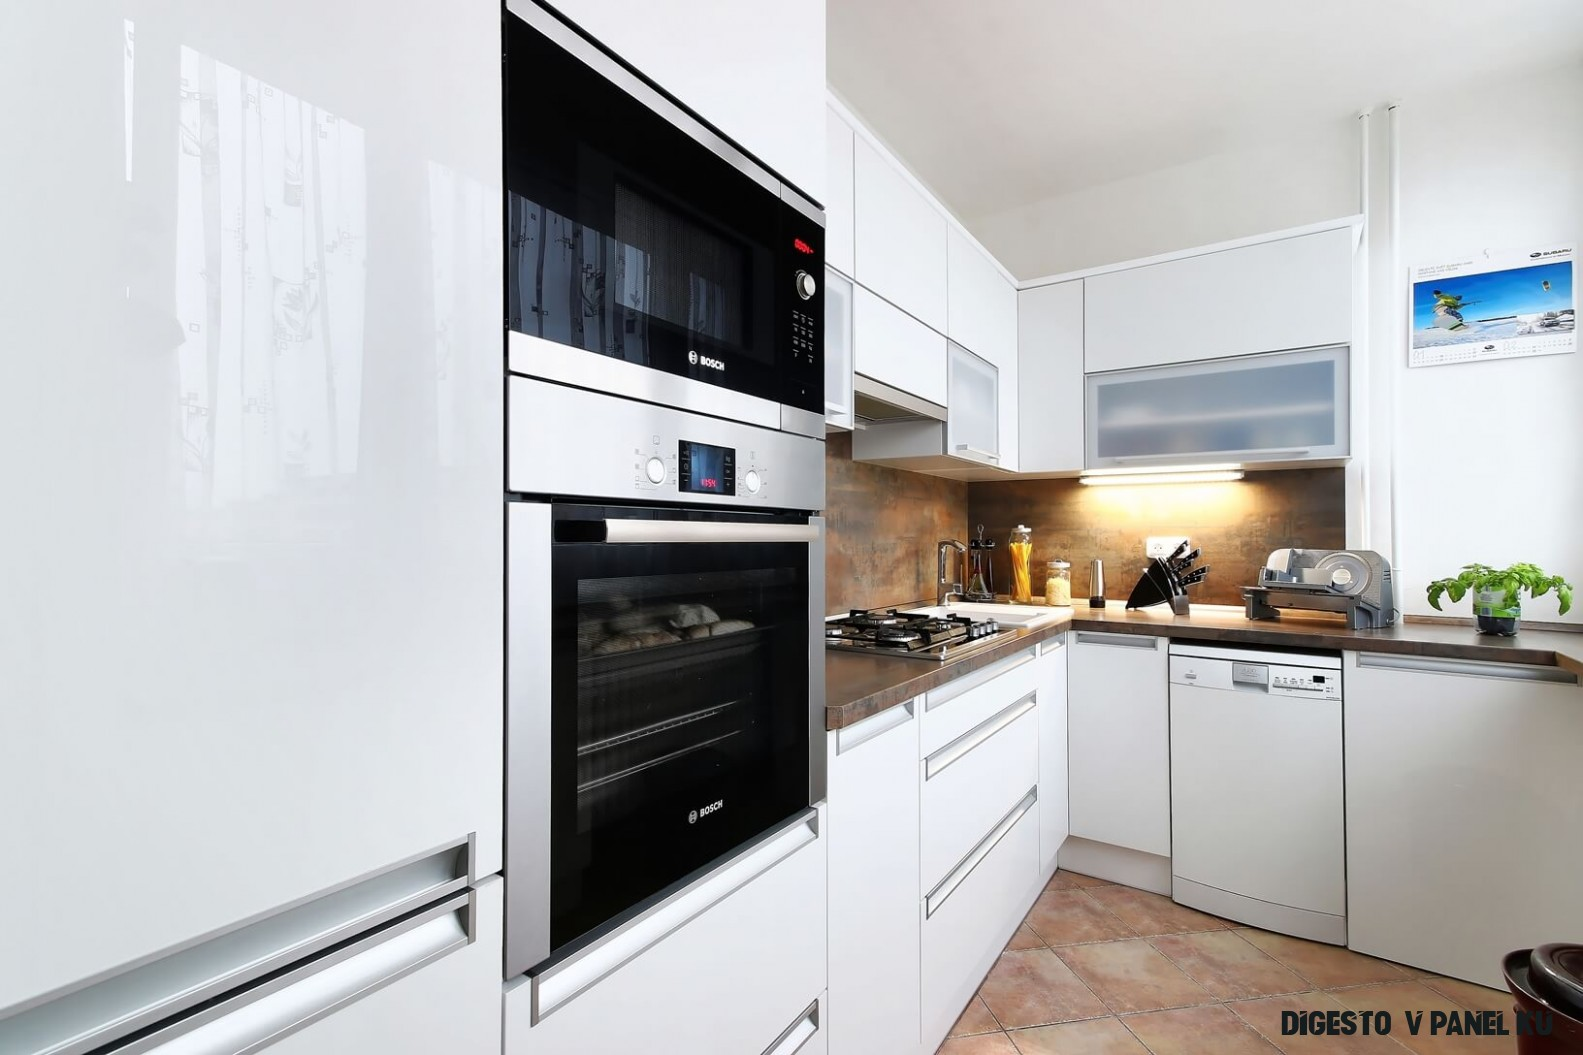 Panelákové kuchyně  Gabon Brno, kuchyňské studio